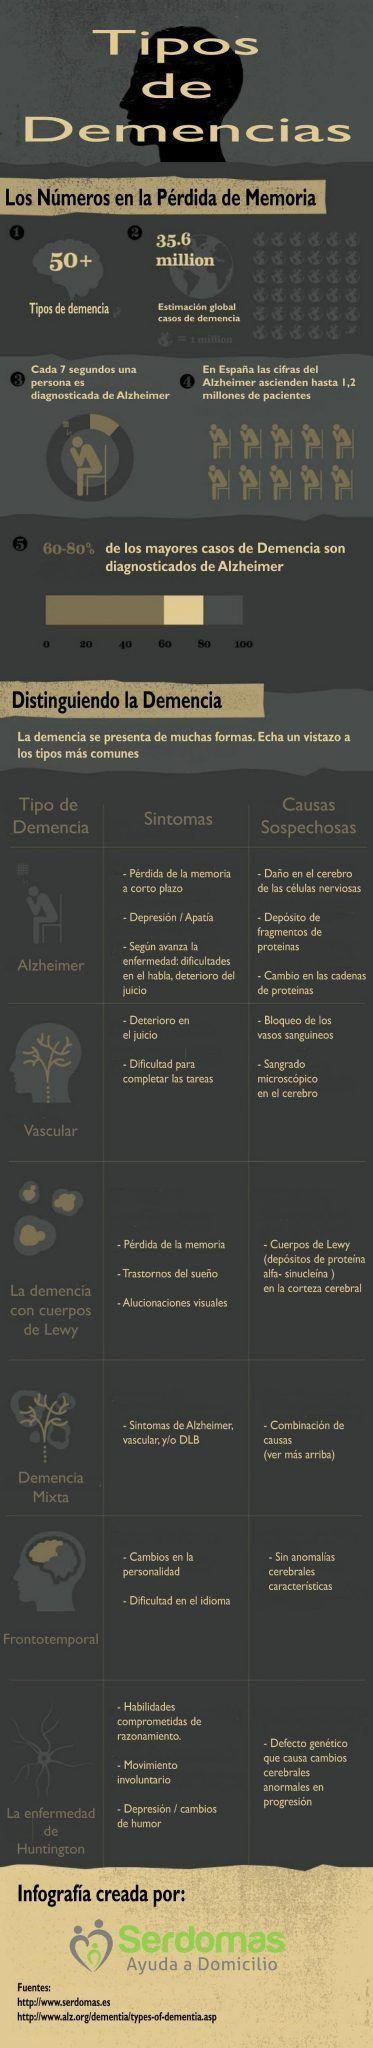 Tipos de demencias